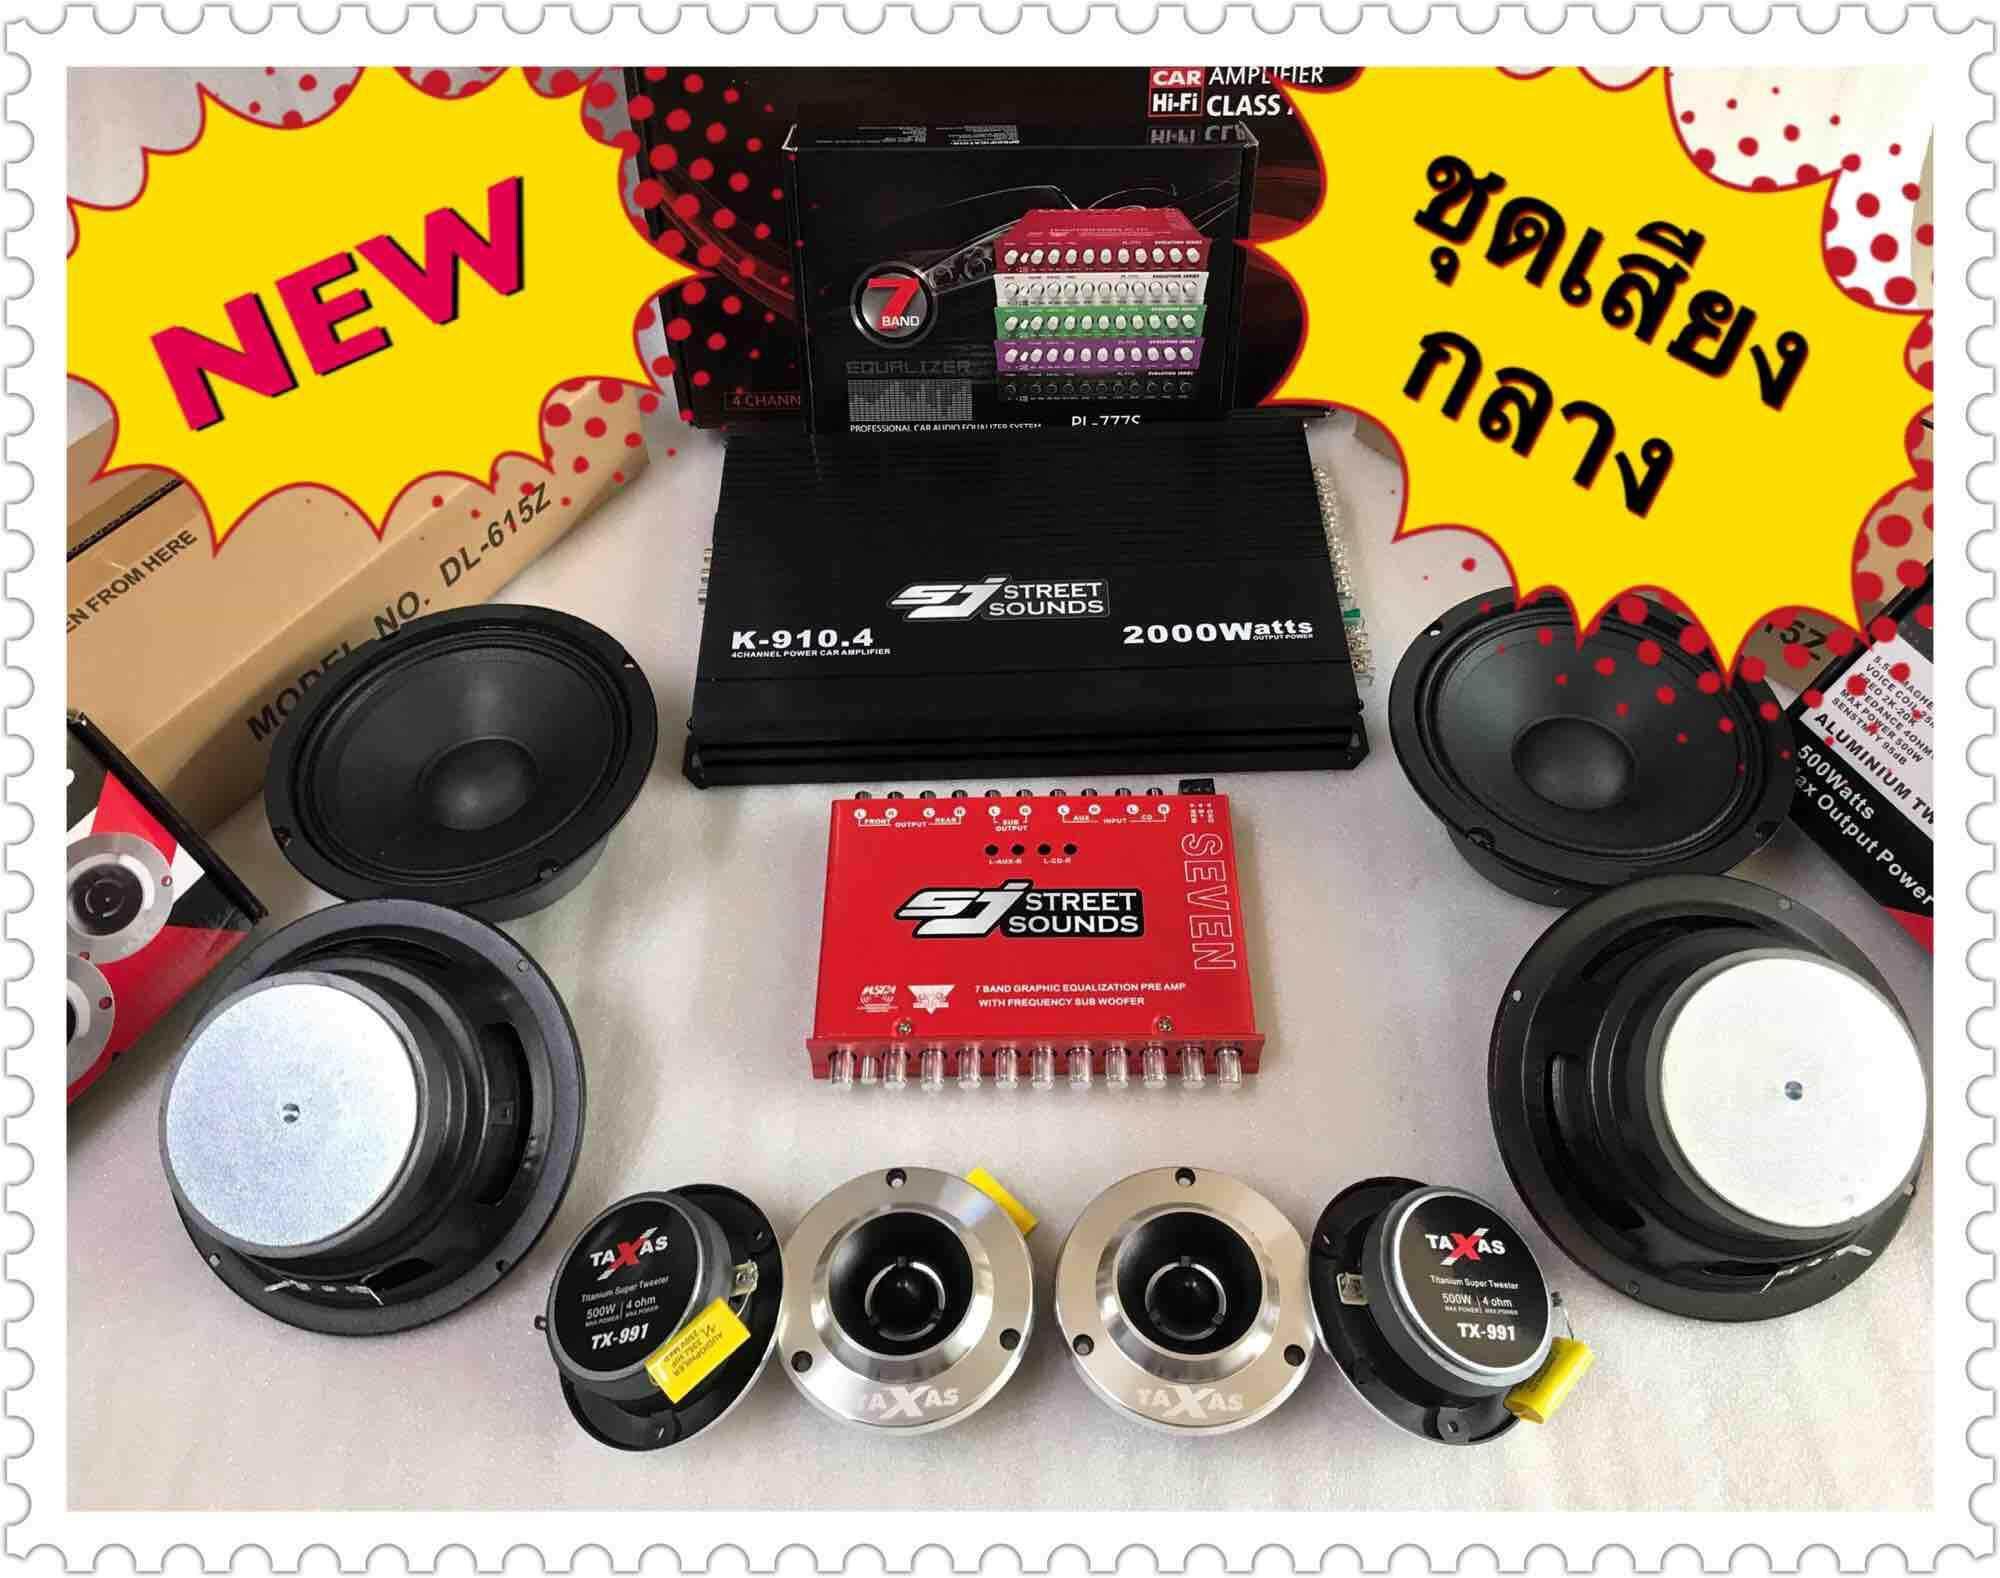 เพาเวอร์แอมป์ แบบจัดชุด New (ทั้งชุด) By Audio Accessory Byjanjira.